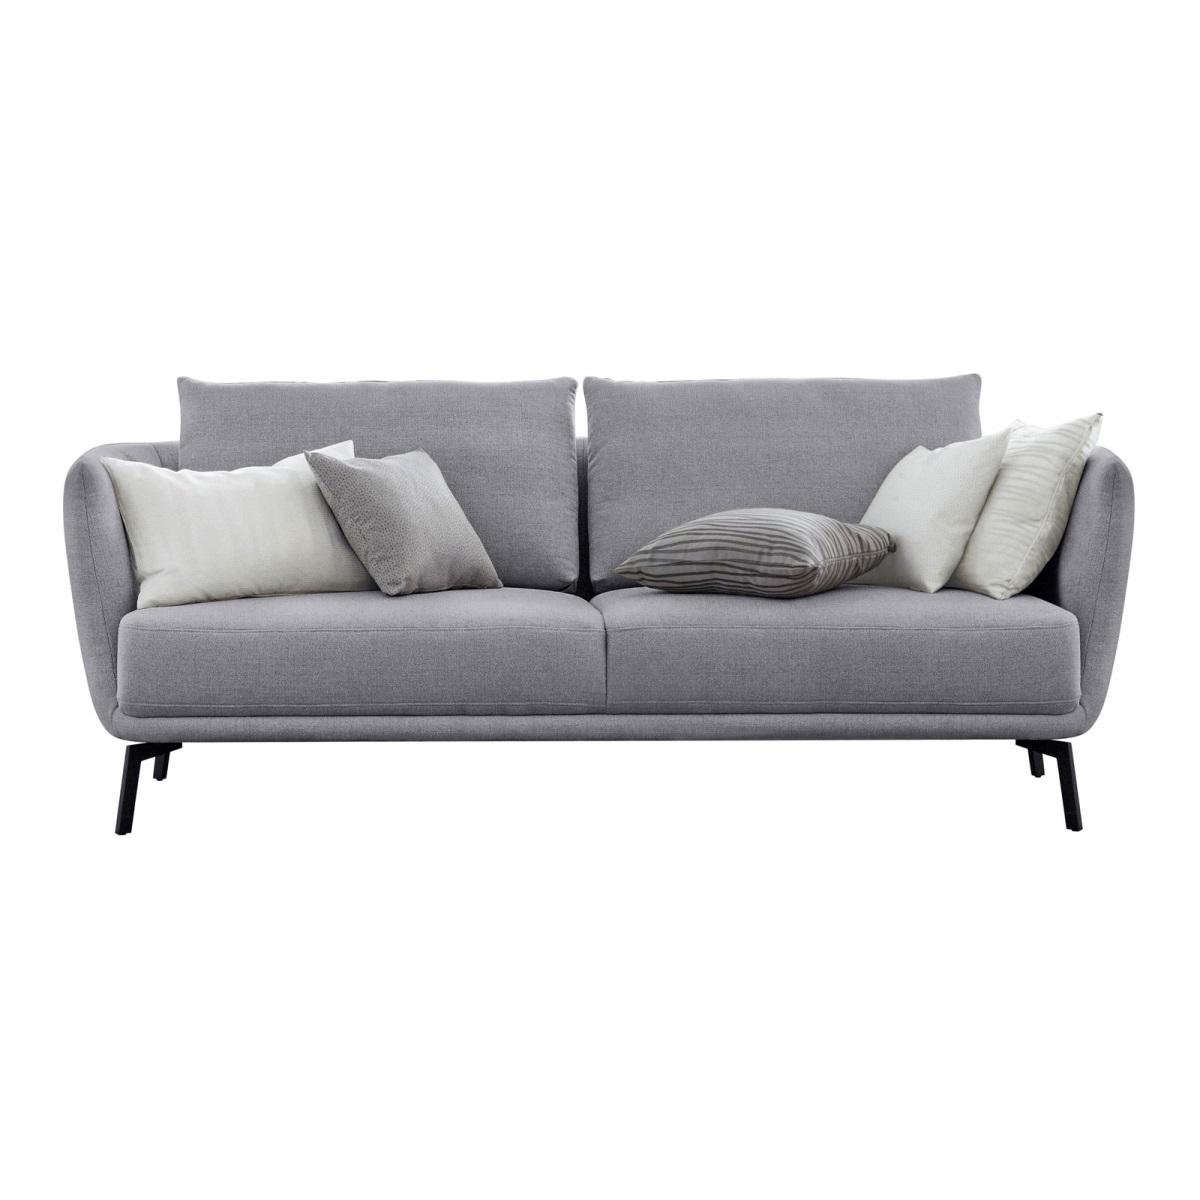 Full Size of Couch 3 Sitzer Grau 2 Und Sofa Leder 3 Sitzer Nino Schwarz/grau Mit Schlaffunktion Retro Kingsley Louisiana (3 Sitzer Polster Grau) Ikea Samt Rattan Led Sofa Sofa 3 Sitzer Grau